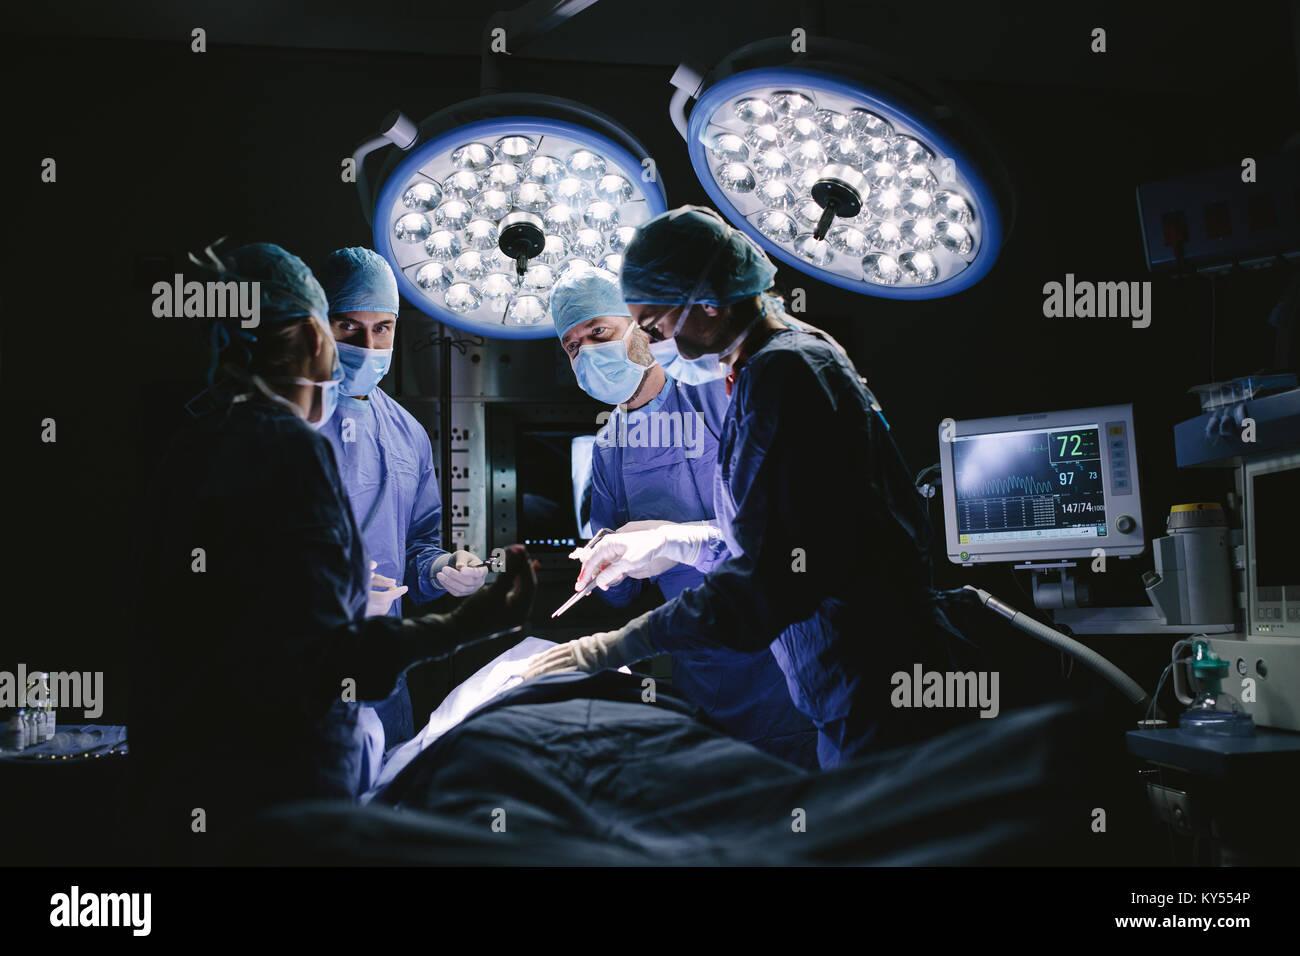 Medizinisches Team bei Operationen im Krankenhaus. Gruppe von Chirurgen bei der Arbeit im Betrieb Theater. Stockbild